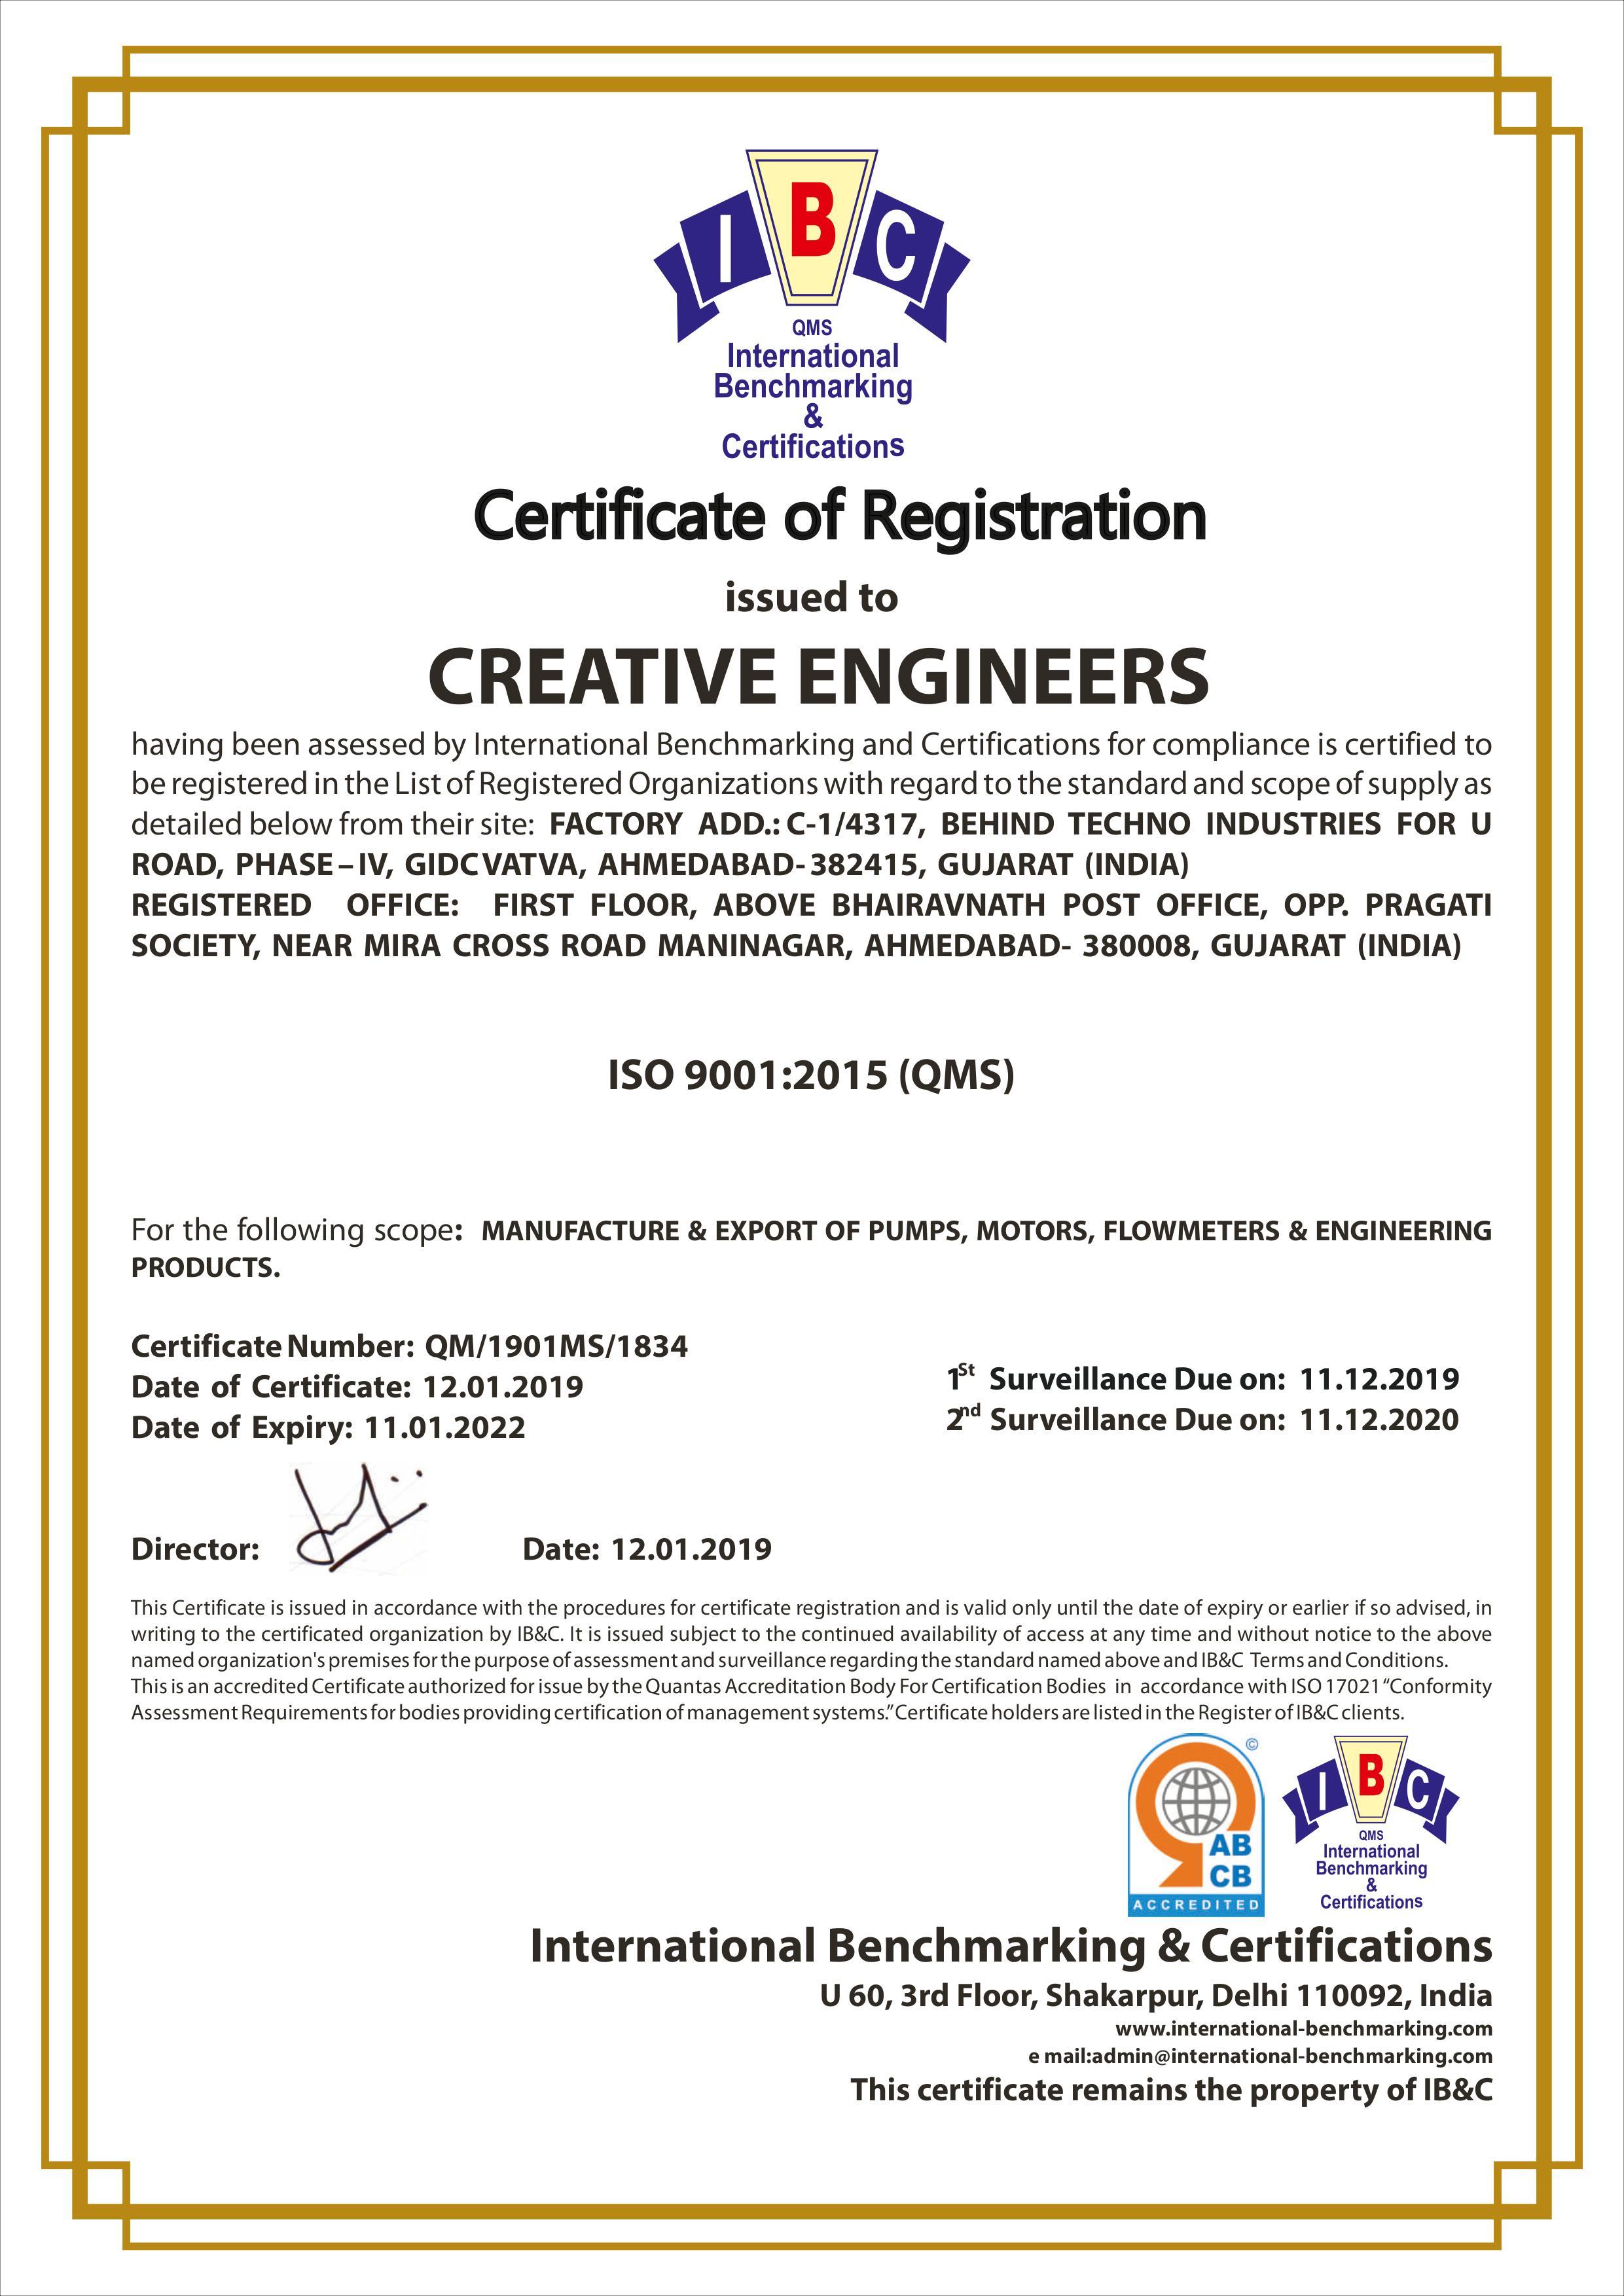 ISO 9001:2015(QMS) Ceritificate